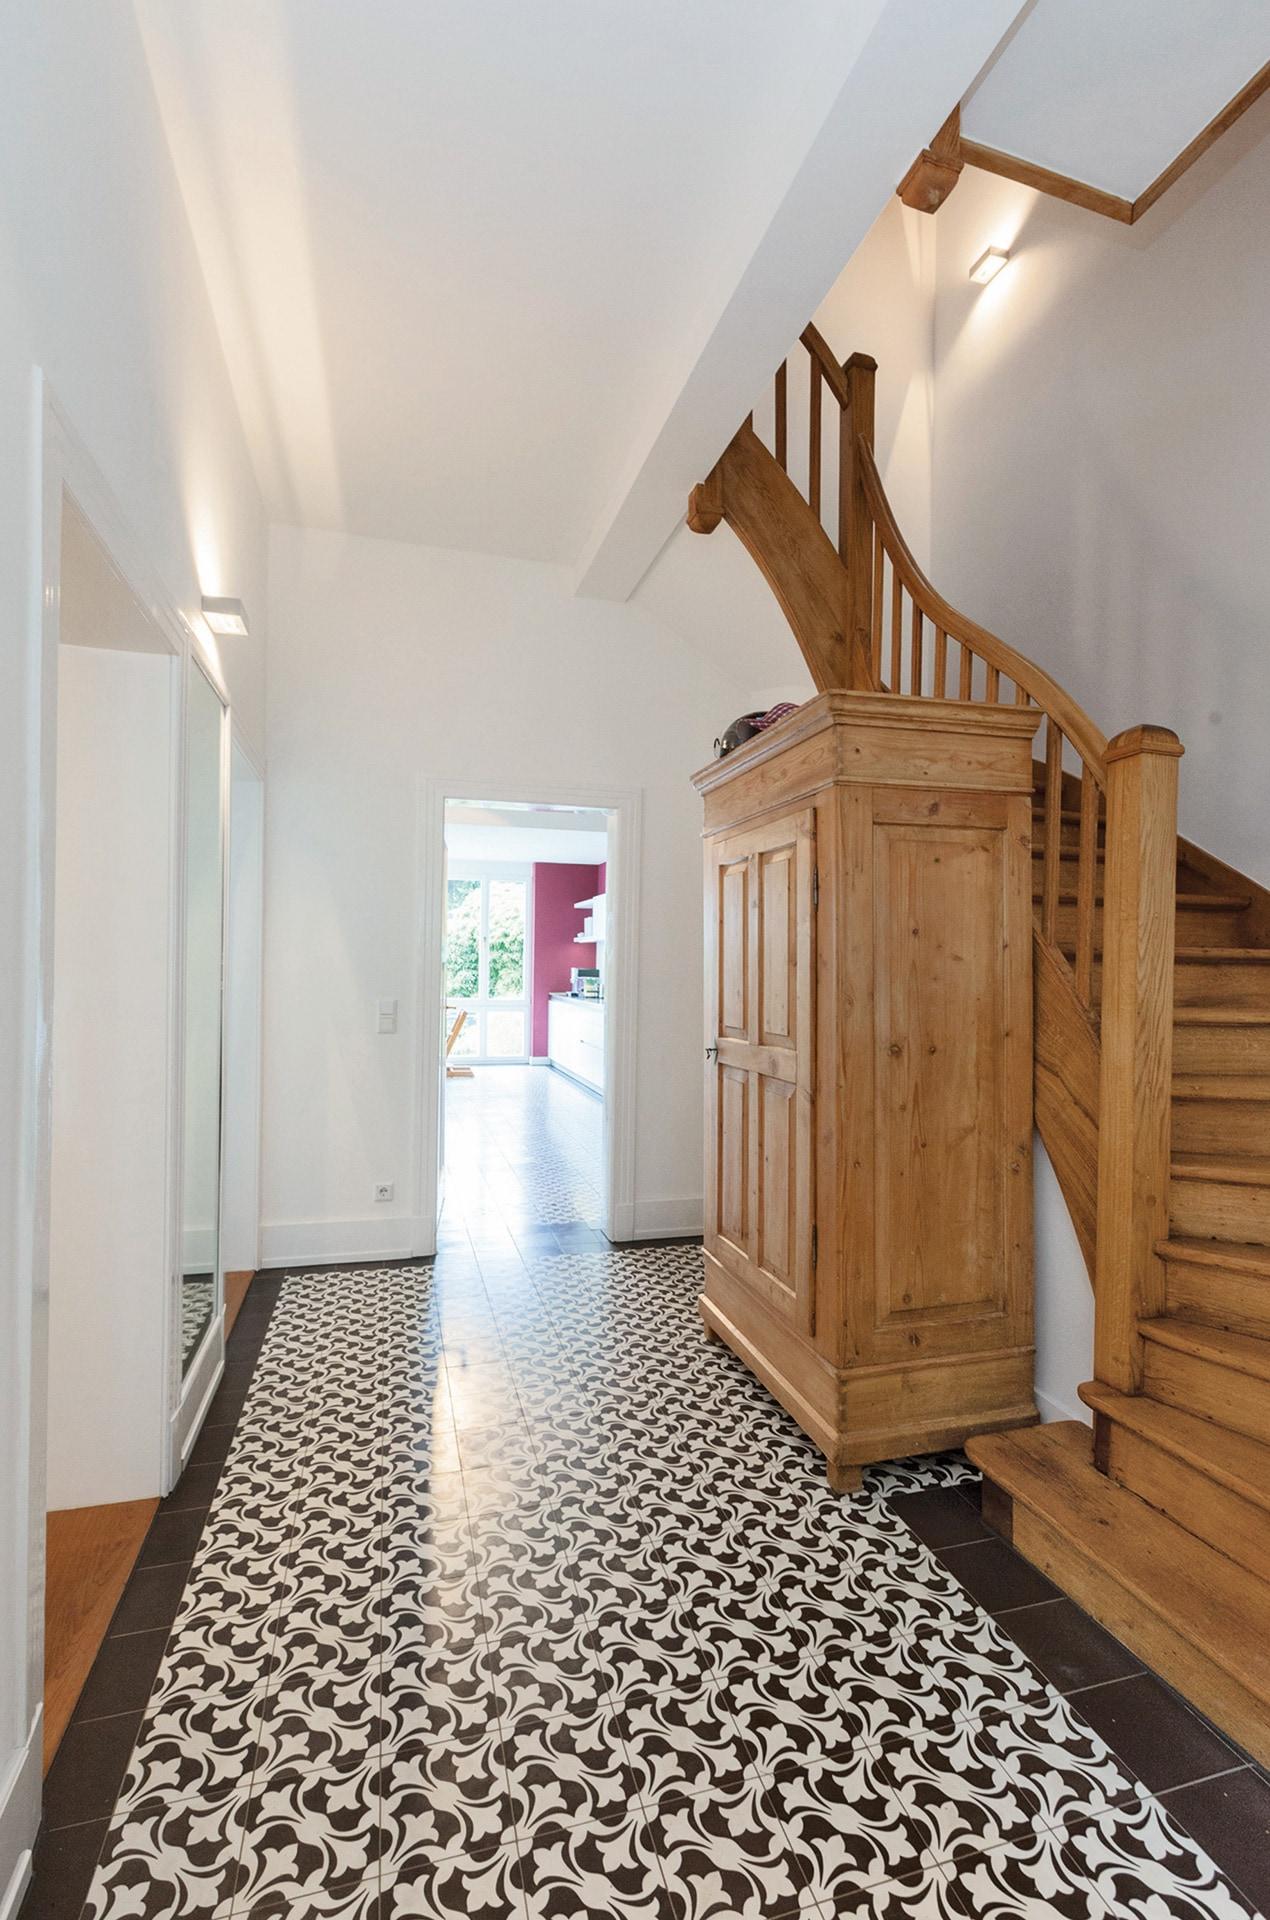 VIA Zementfliese N° 14260 im Eingang mit Holzschrank und Treppe